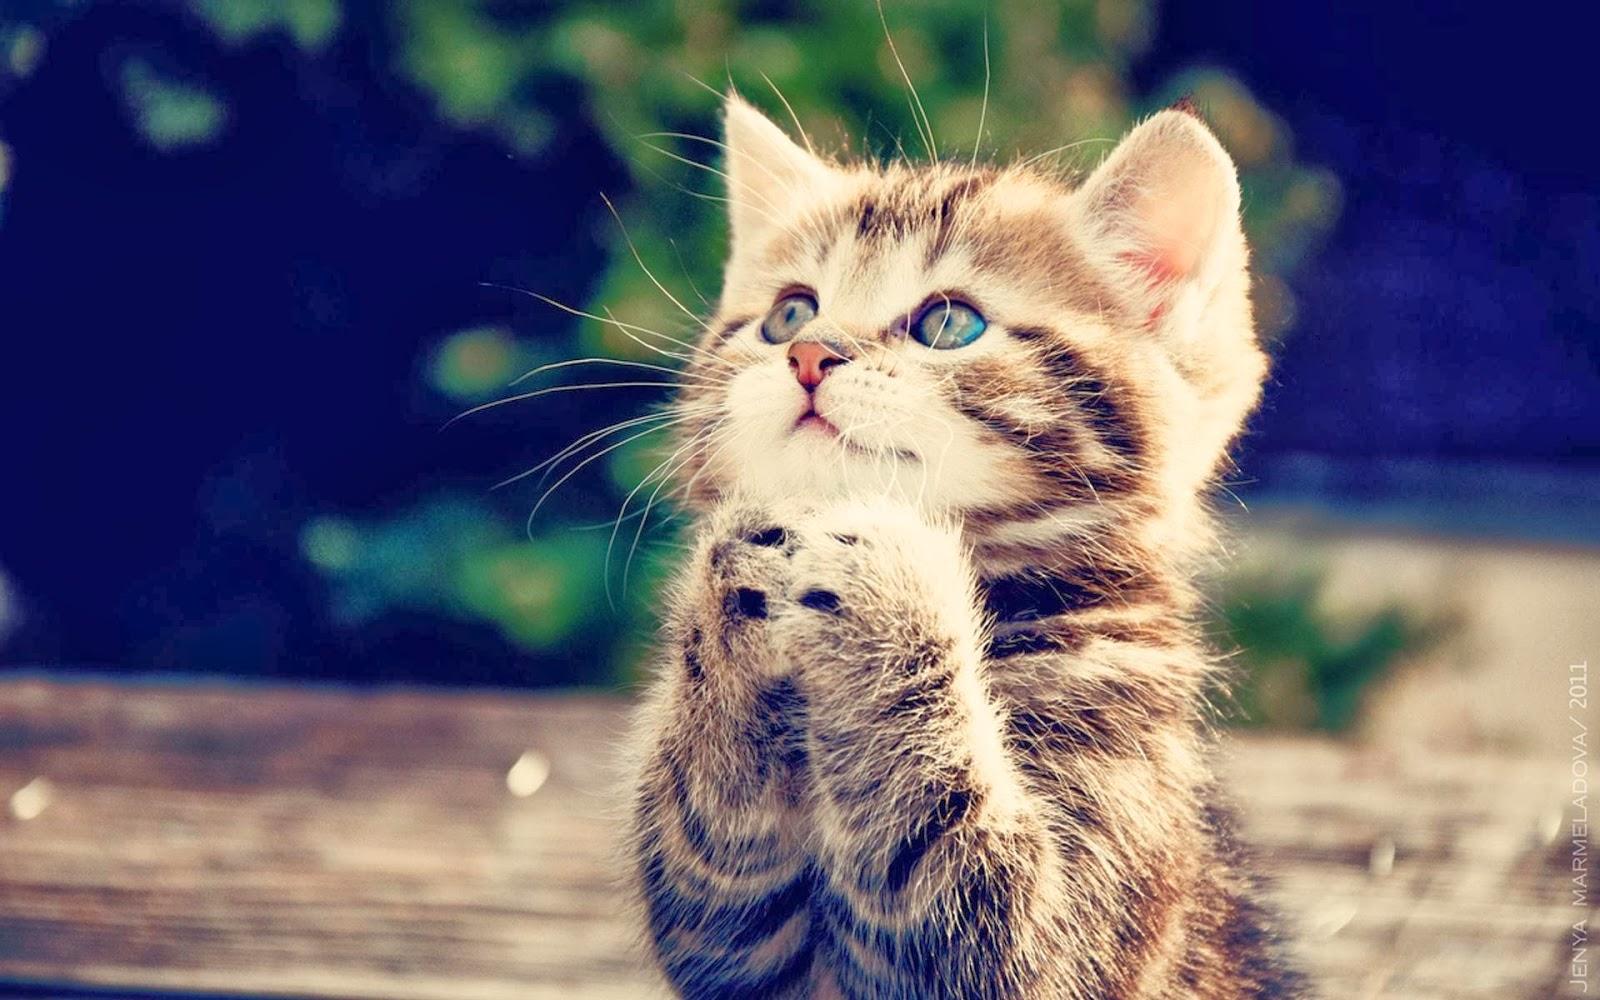 Słodki kotek prosi o serduszko